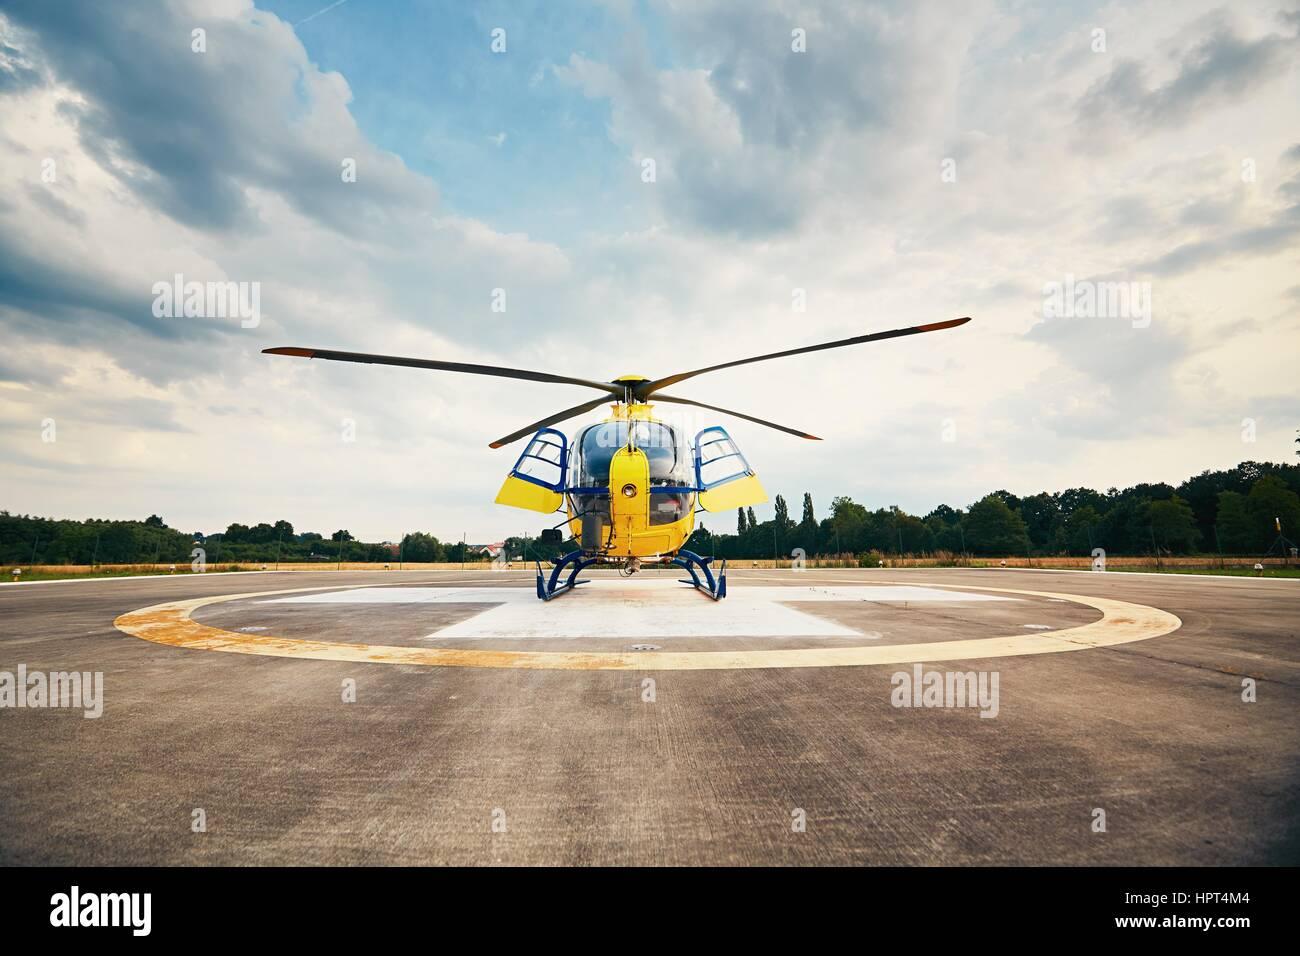 Rettungsflugwacht. Hubschrauber-Luftrettung ist bereit zum Abheben auf dem Hubschrauberlandeplatz. Stockbild